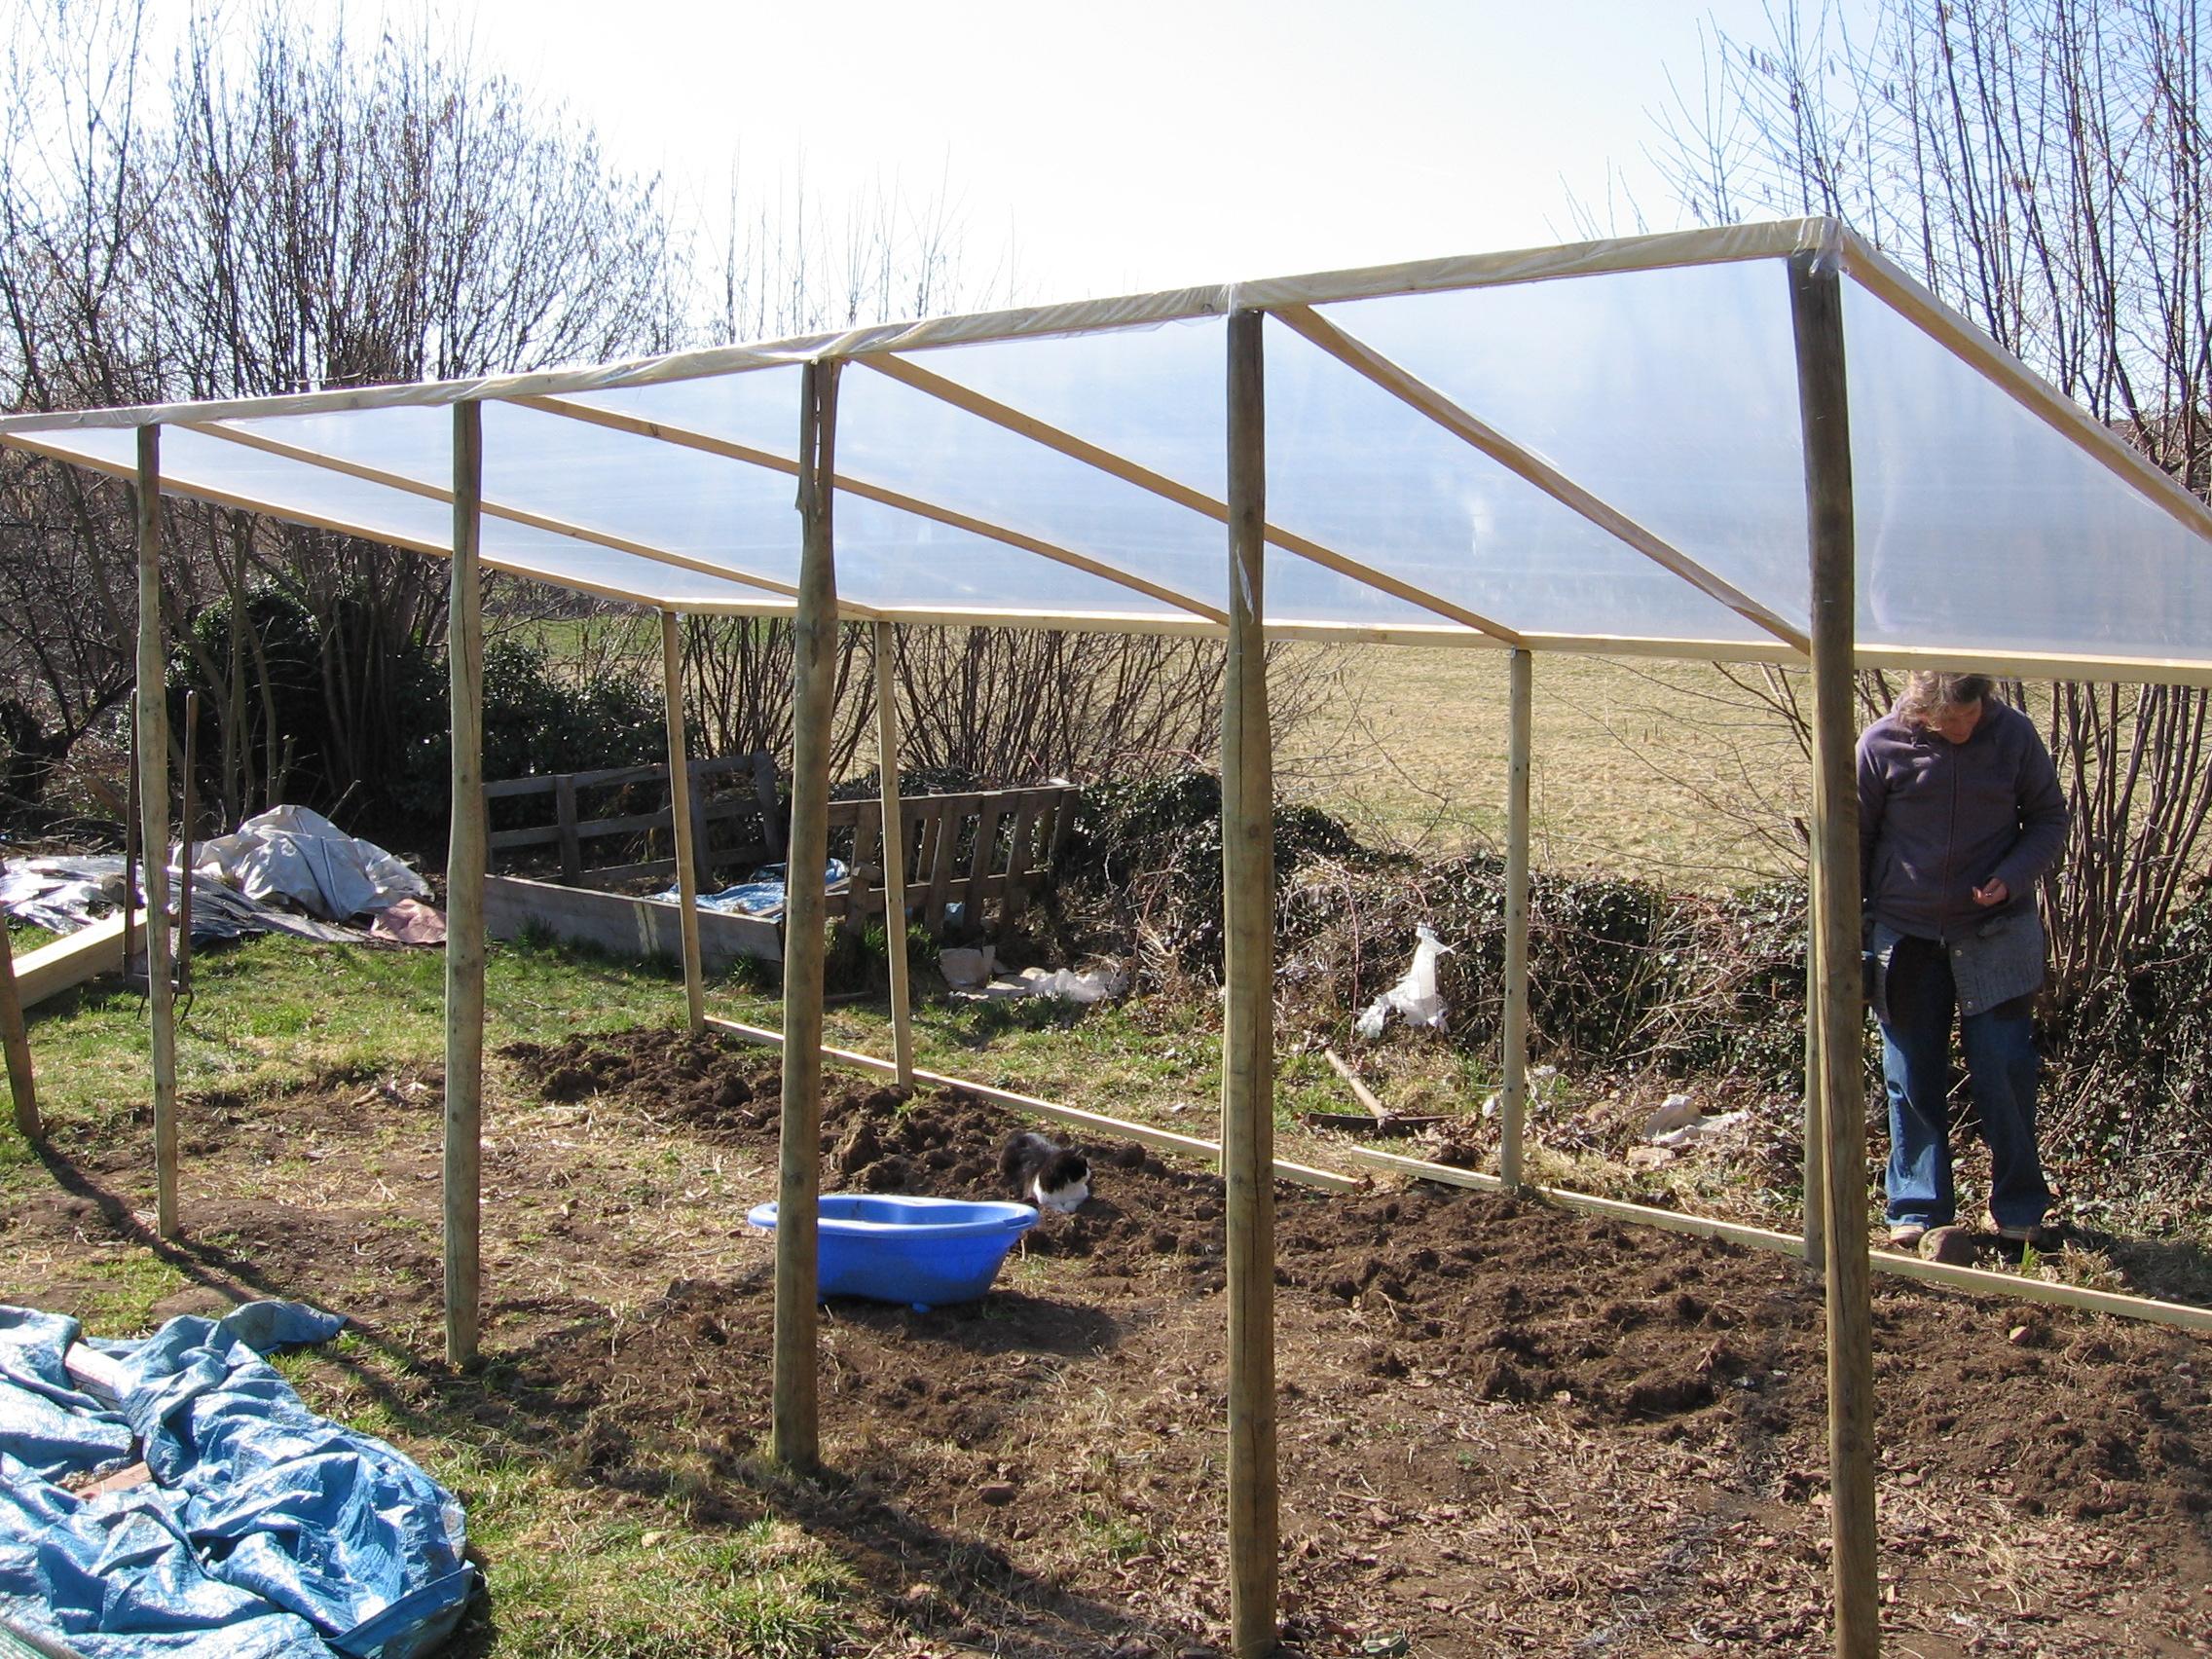 Comment Construire Une Serre Pas Chère Dans Son Jardin | Le ... pour Serre De Jardin Pas Chere